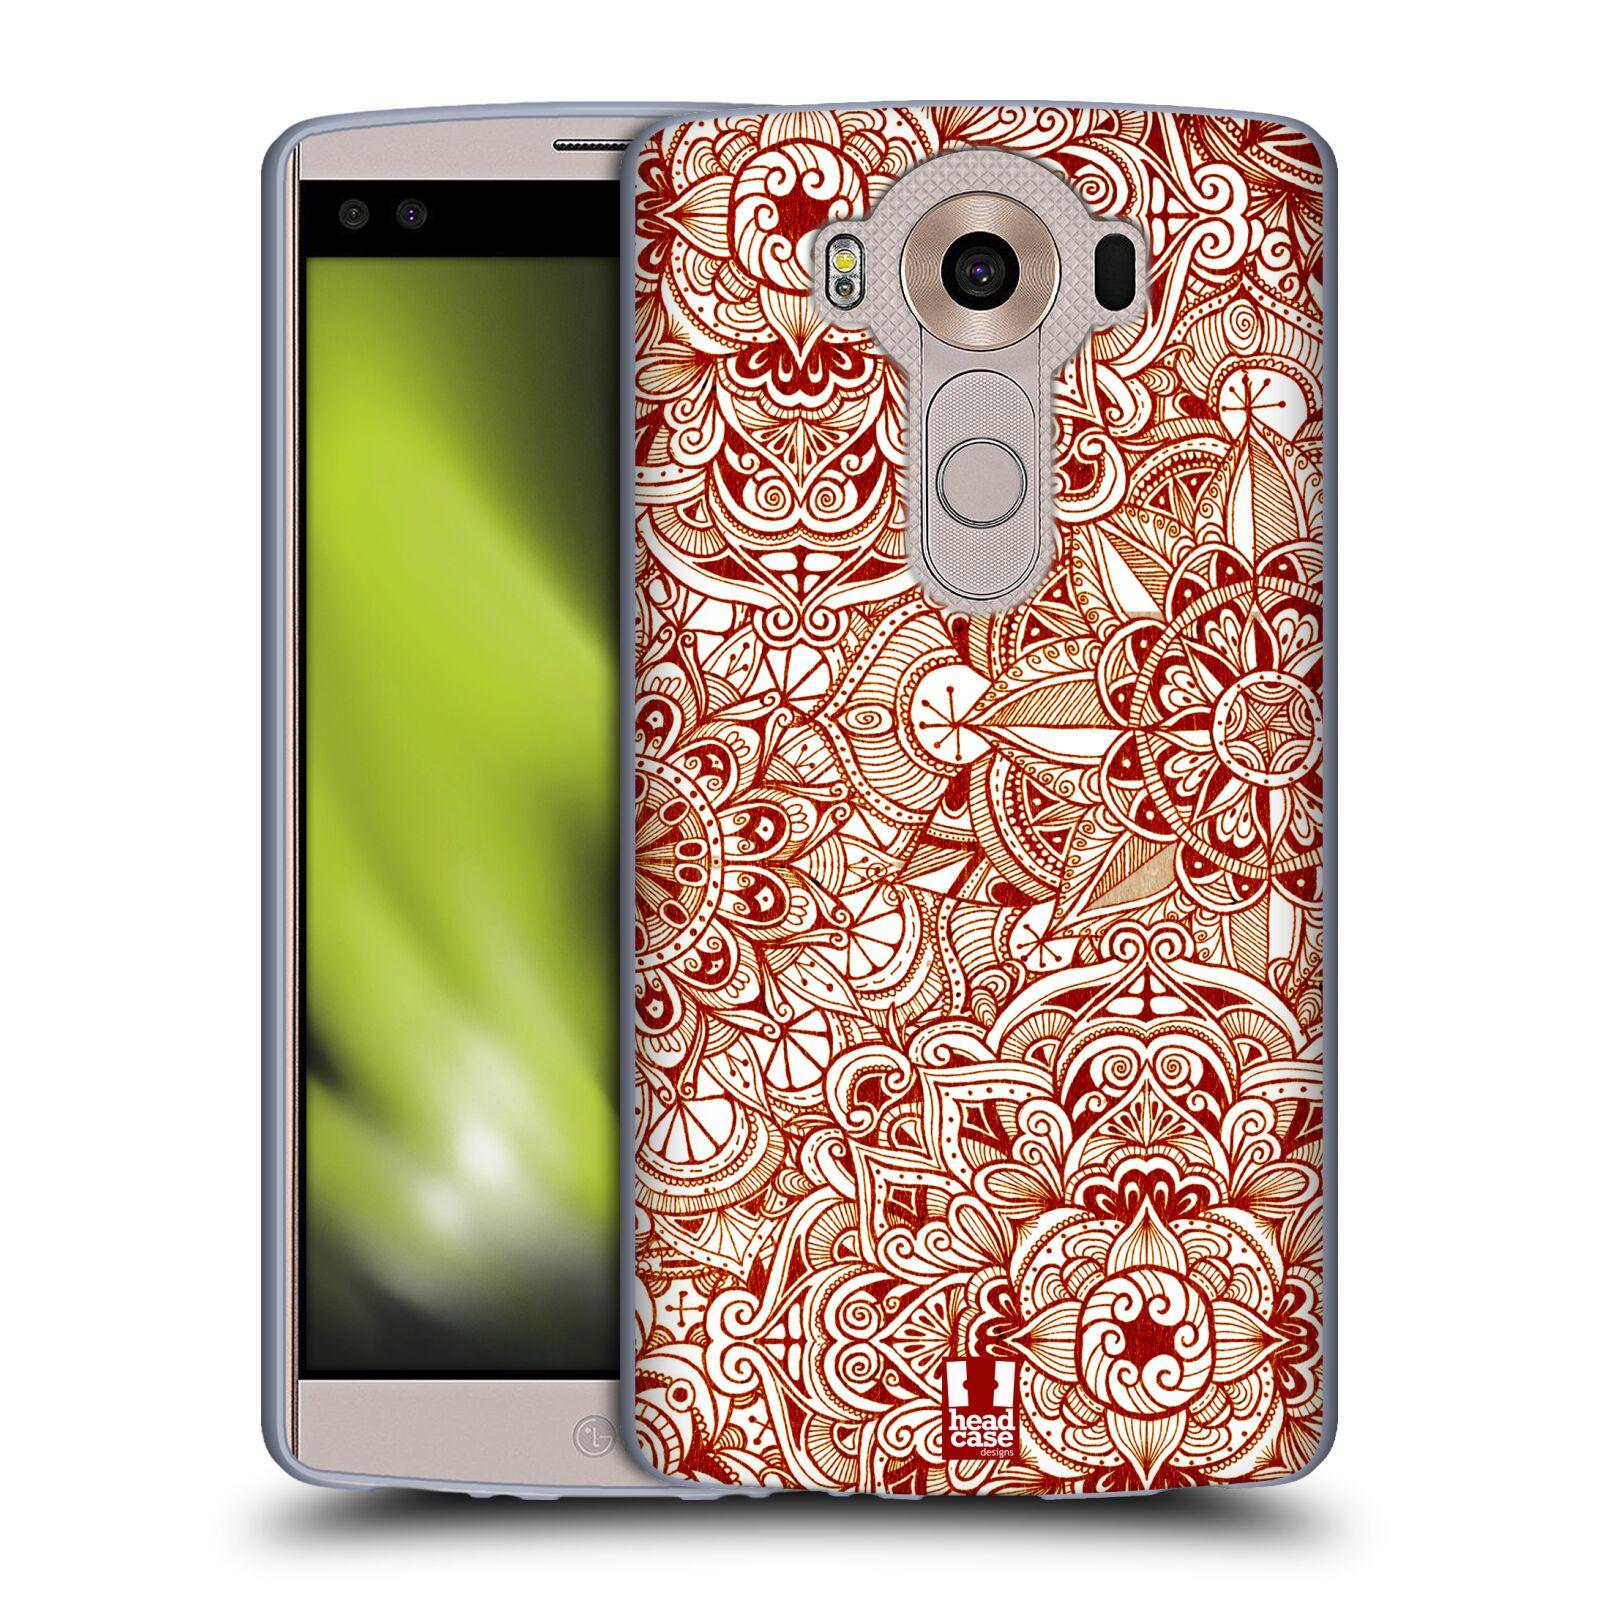 HEAD CASE silikonový obal na mobil LG V10 (H960A) vzor Indie Mandala slunce barevná ČERVENÁ RUDÁ MAPA